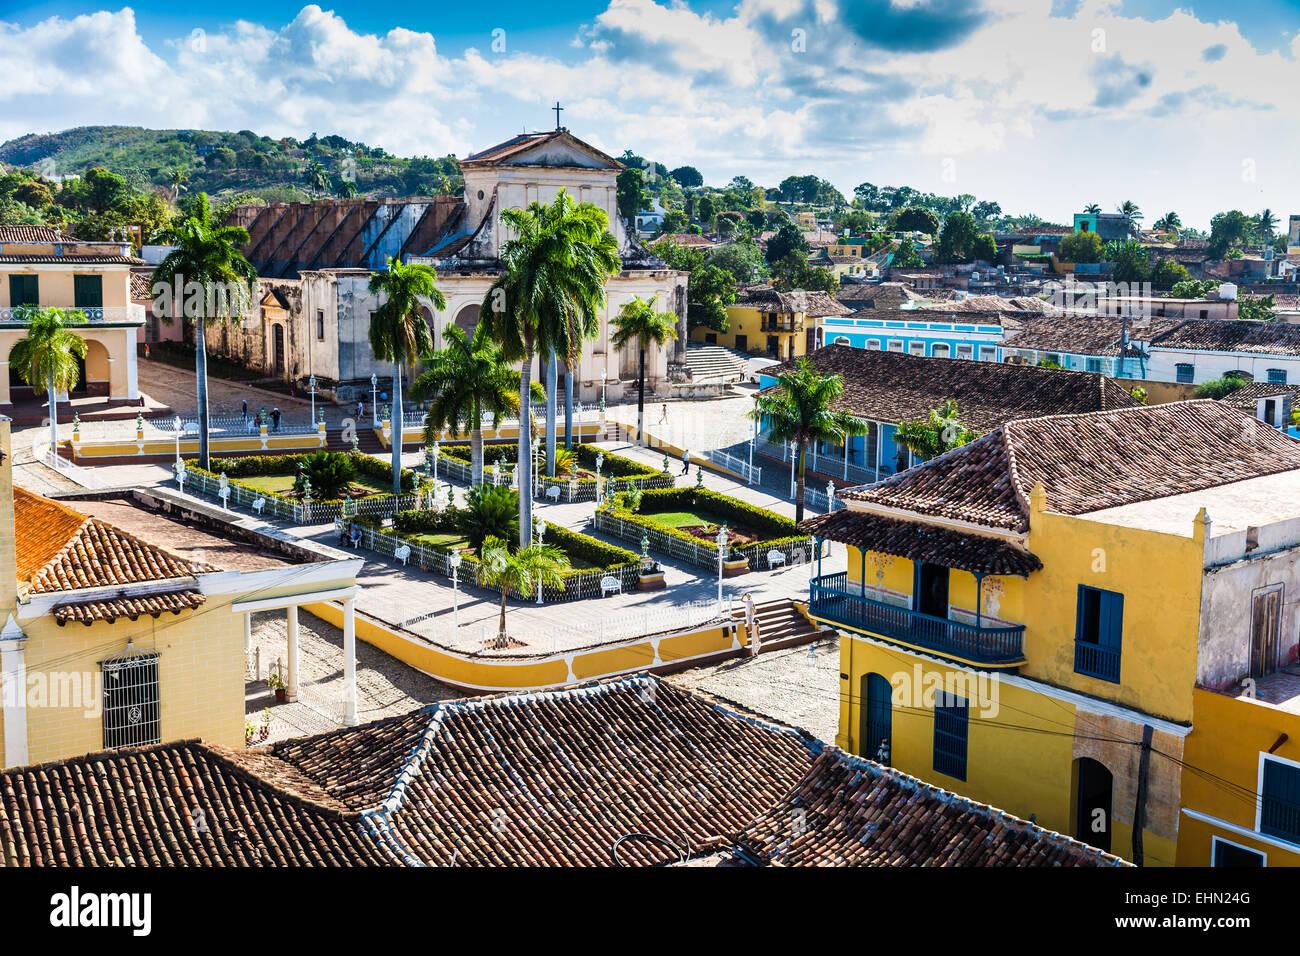 Trinidad, Cuba. - Stock Image